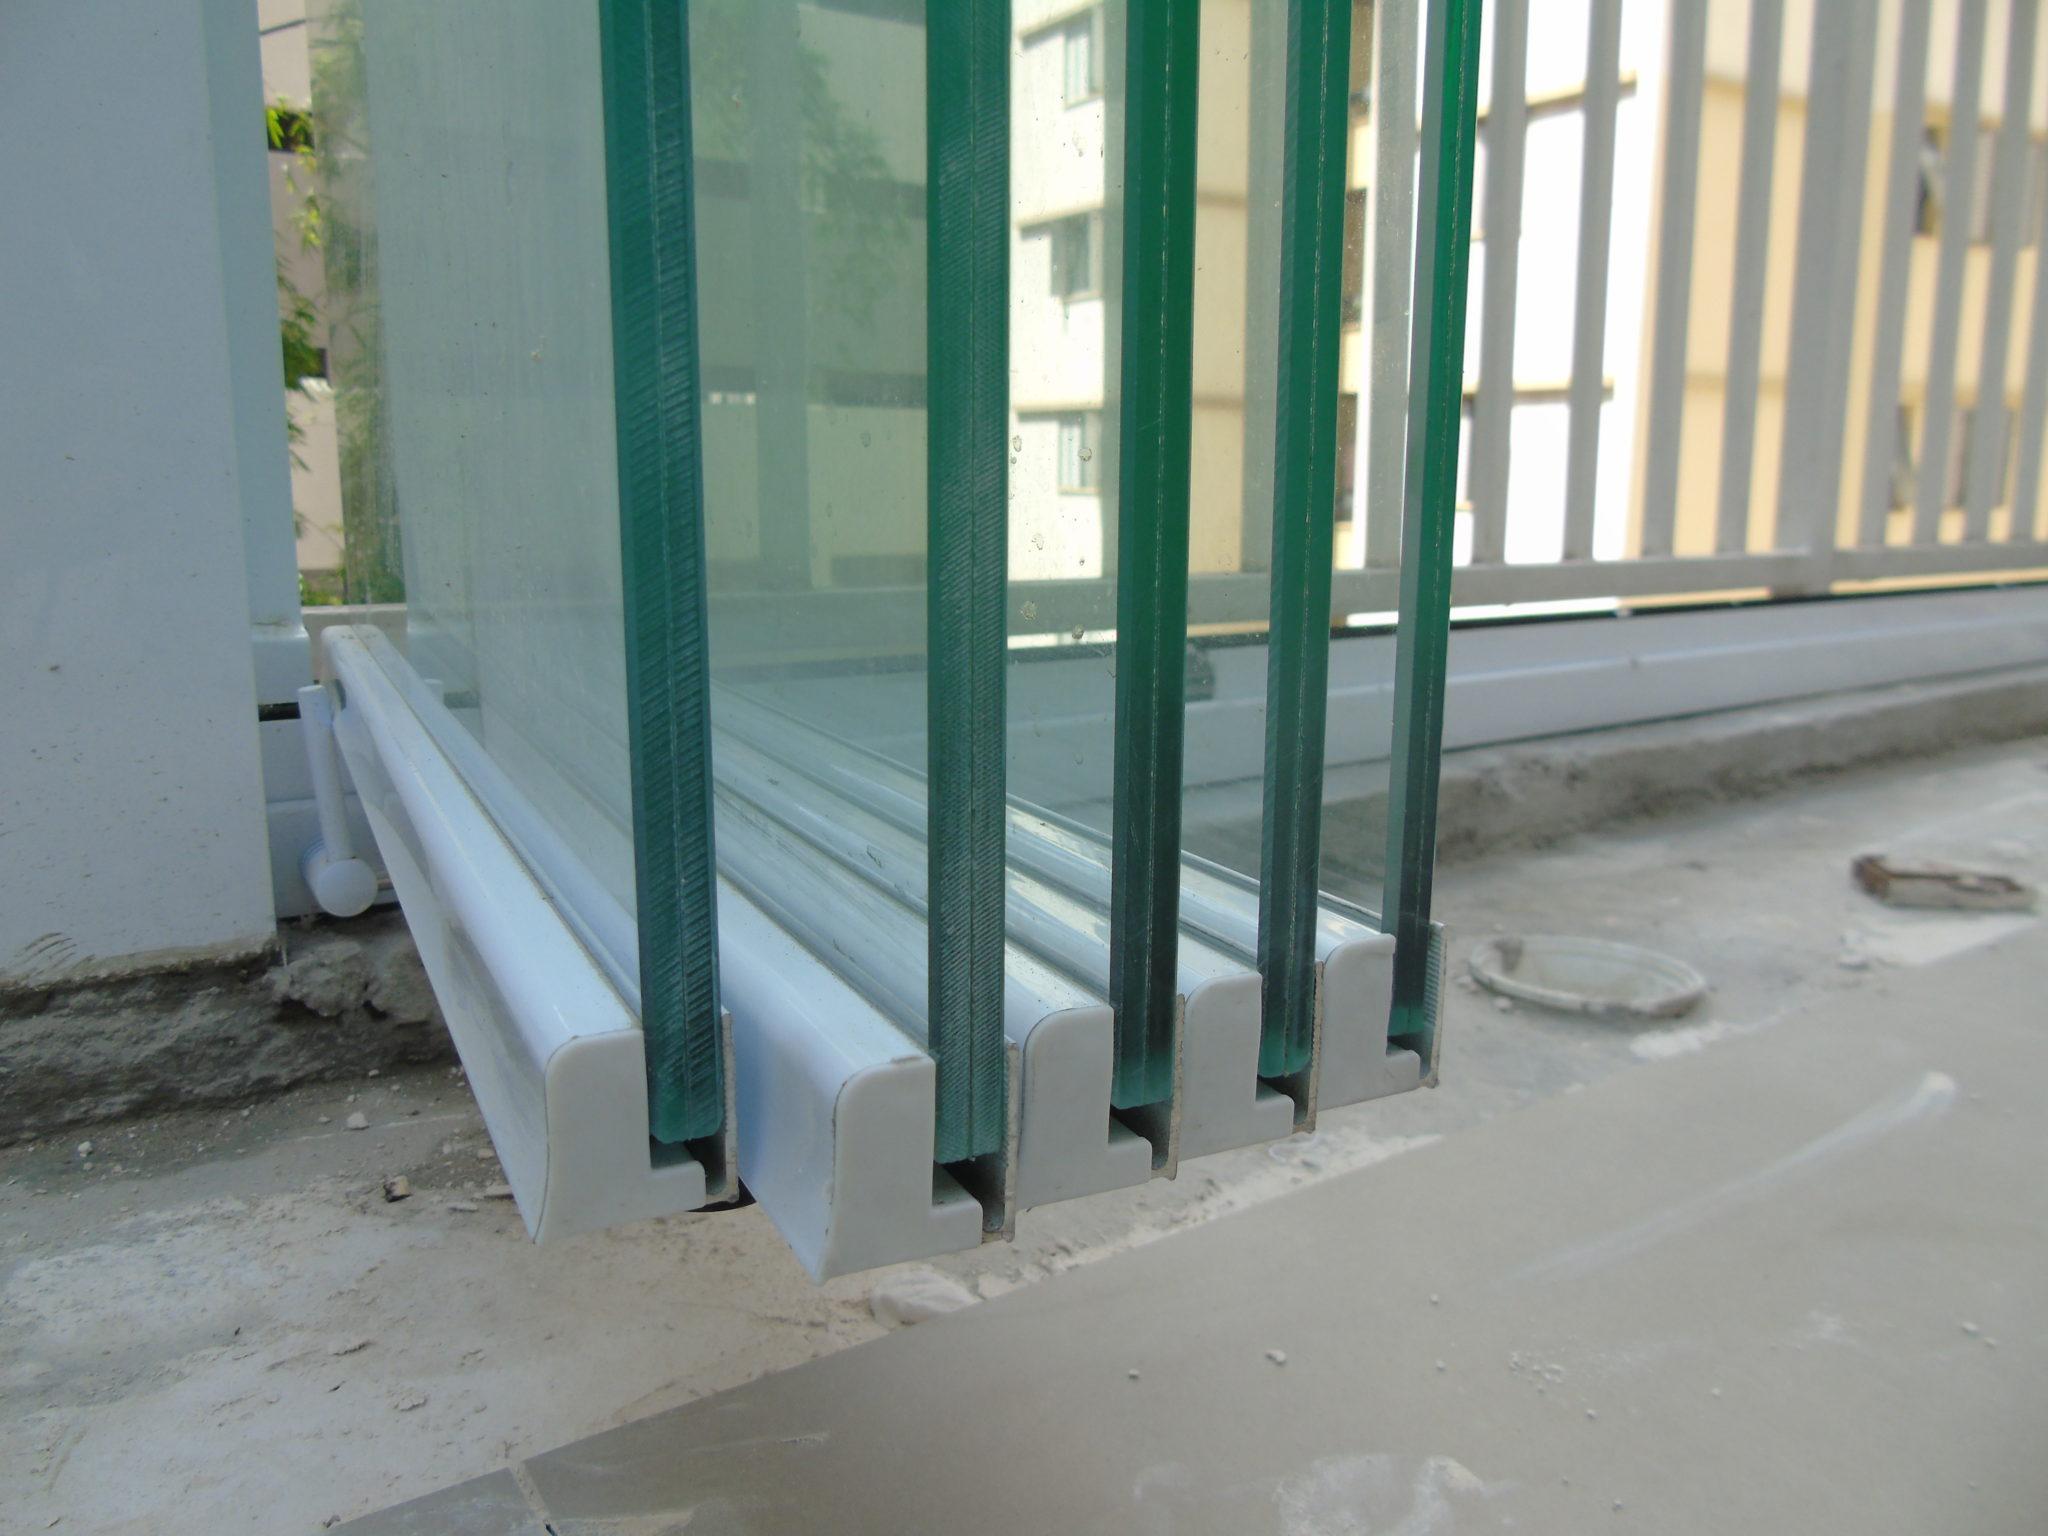 IMAGEM DE INSTALAÇÕES DE ENVIDRAÇAMENTO DE SACADA PERFECT GLASS